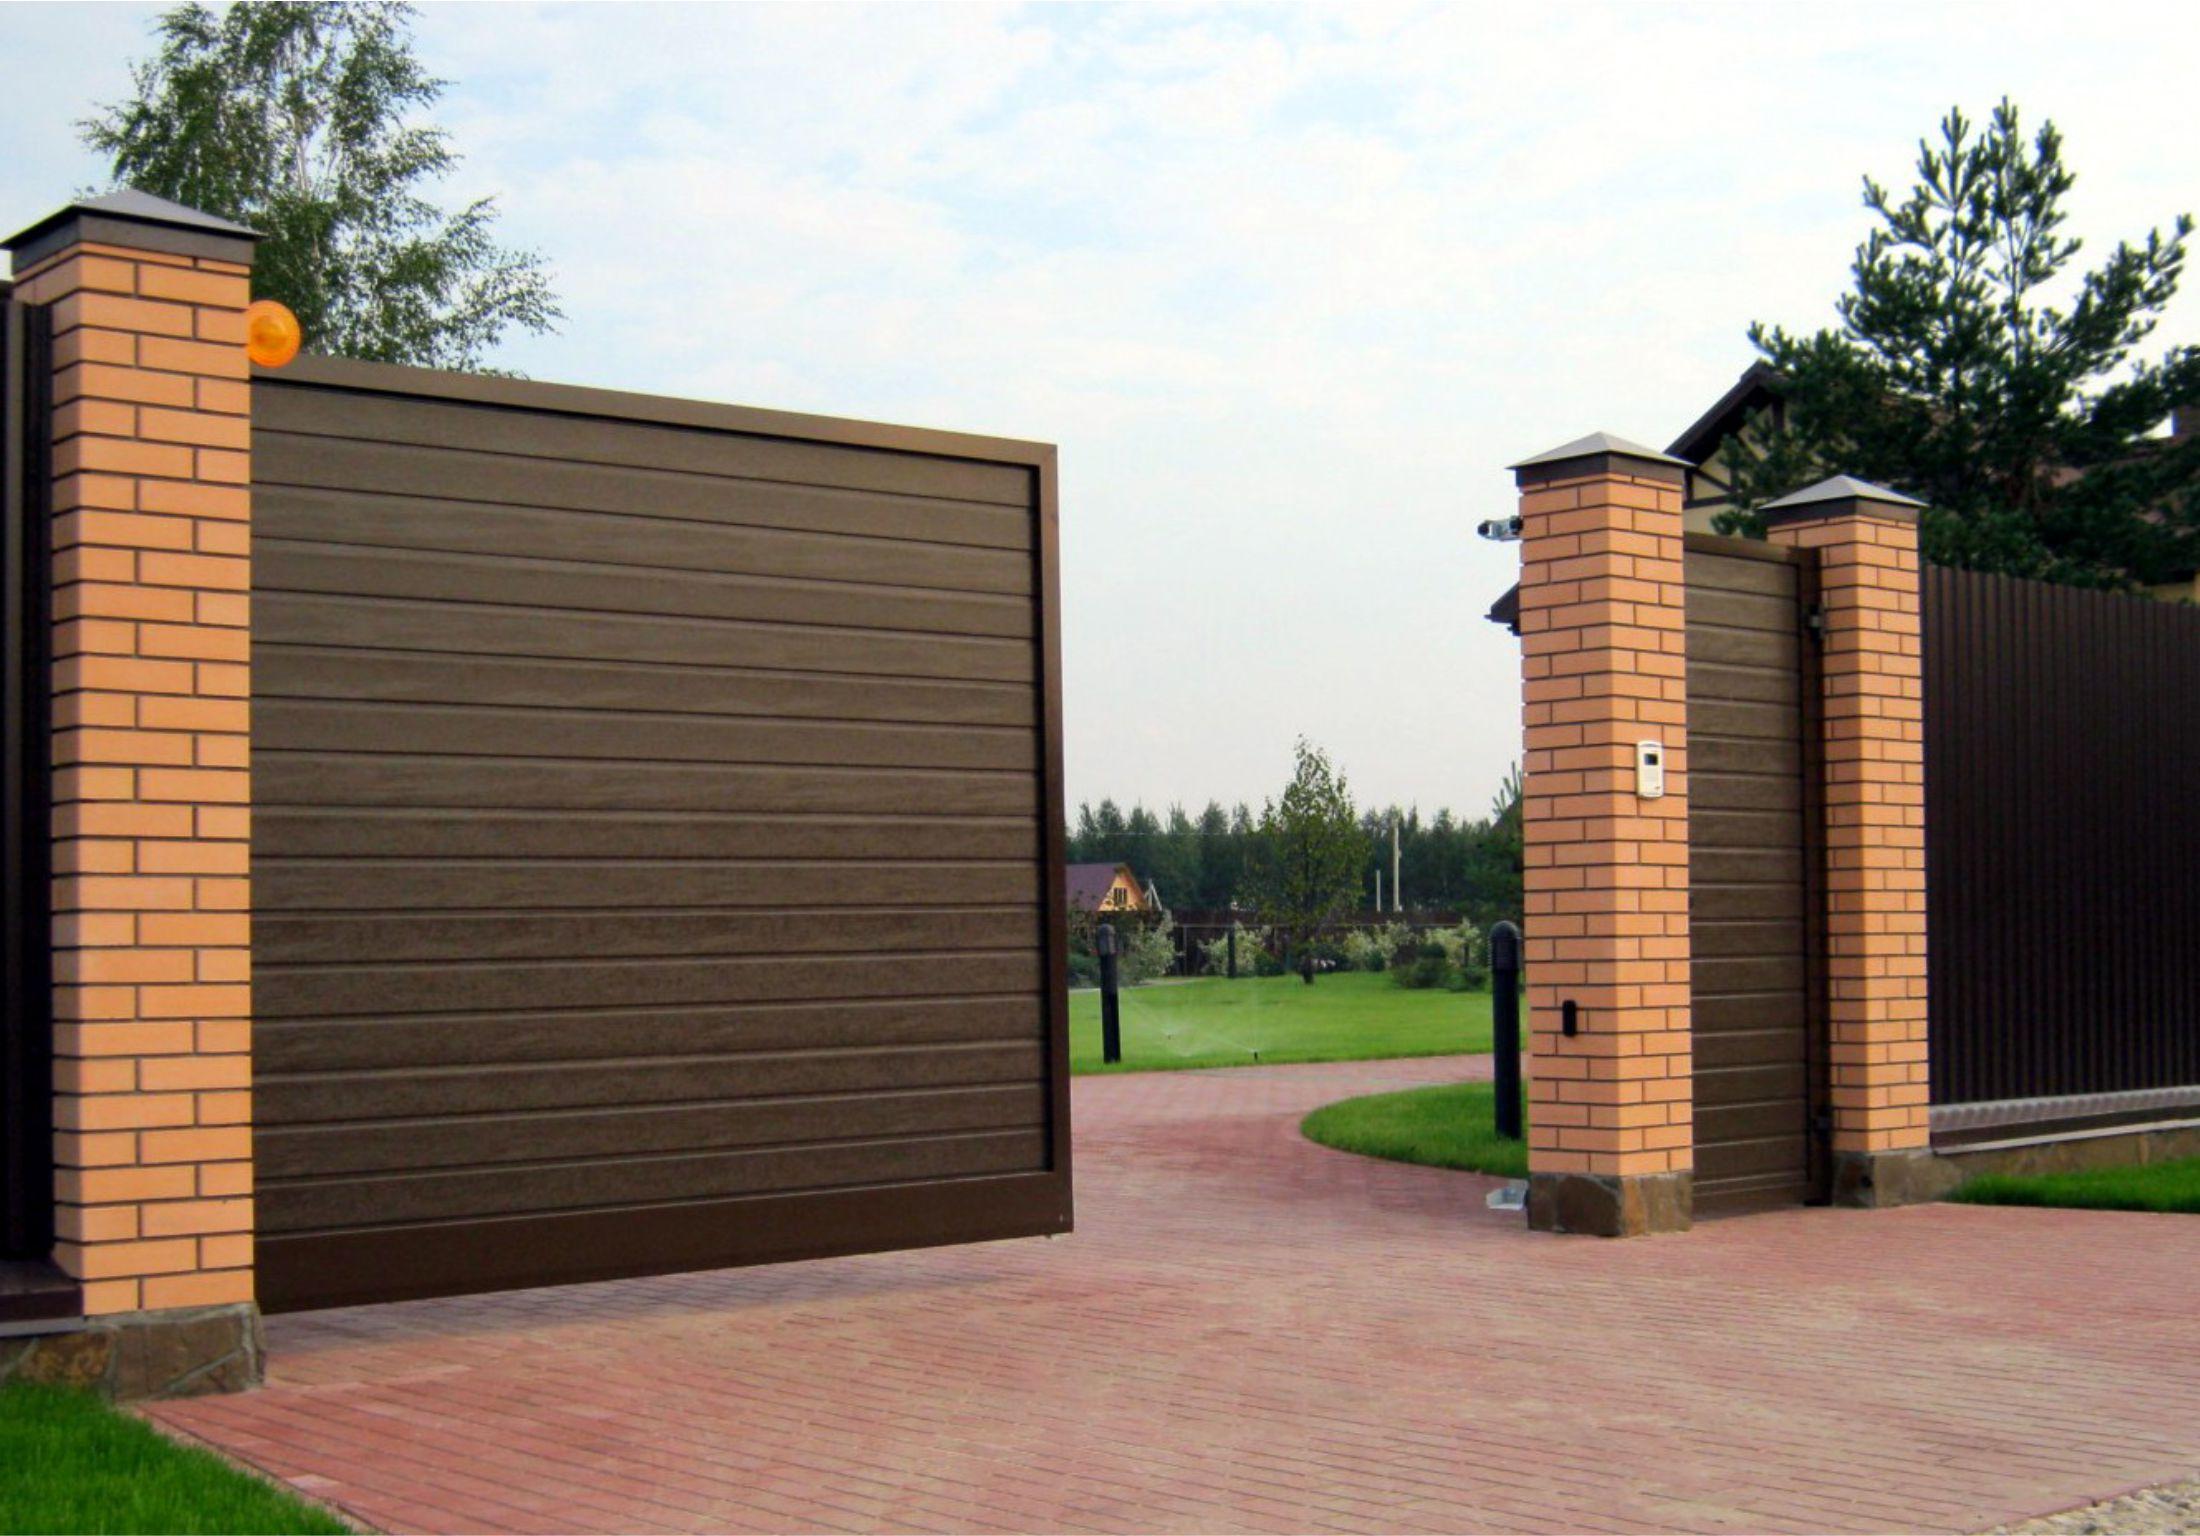 Въездные откатные ворота для частного дома ворота калитка сварные про м 3 метра цена